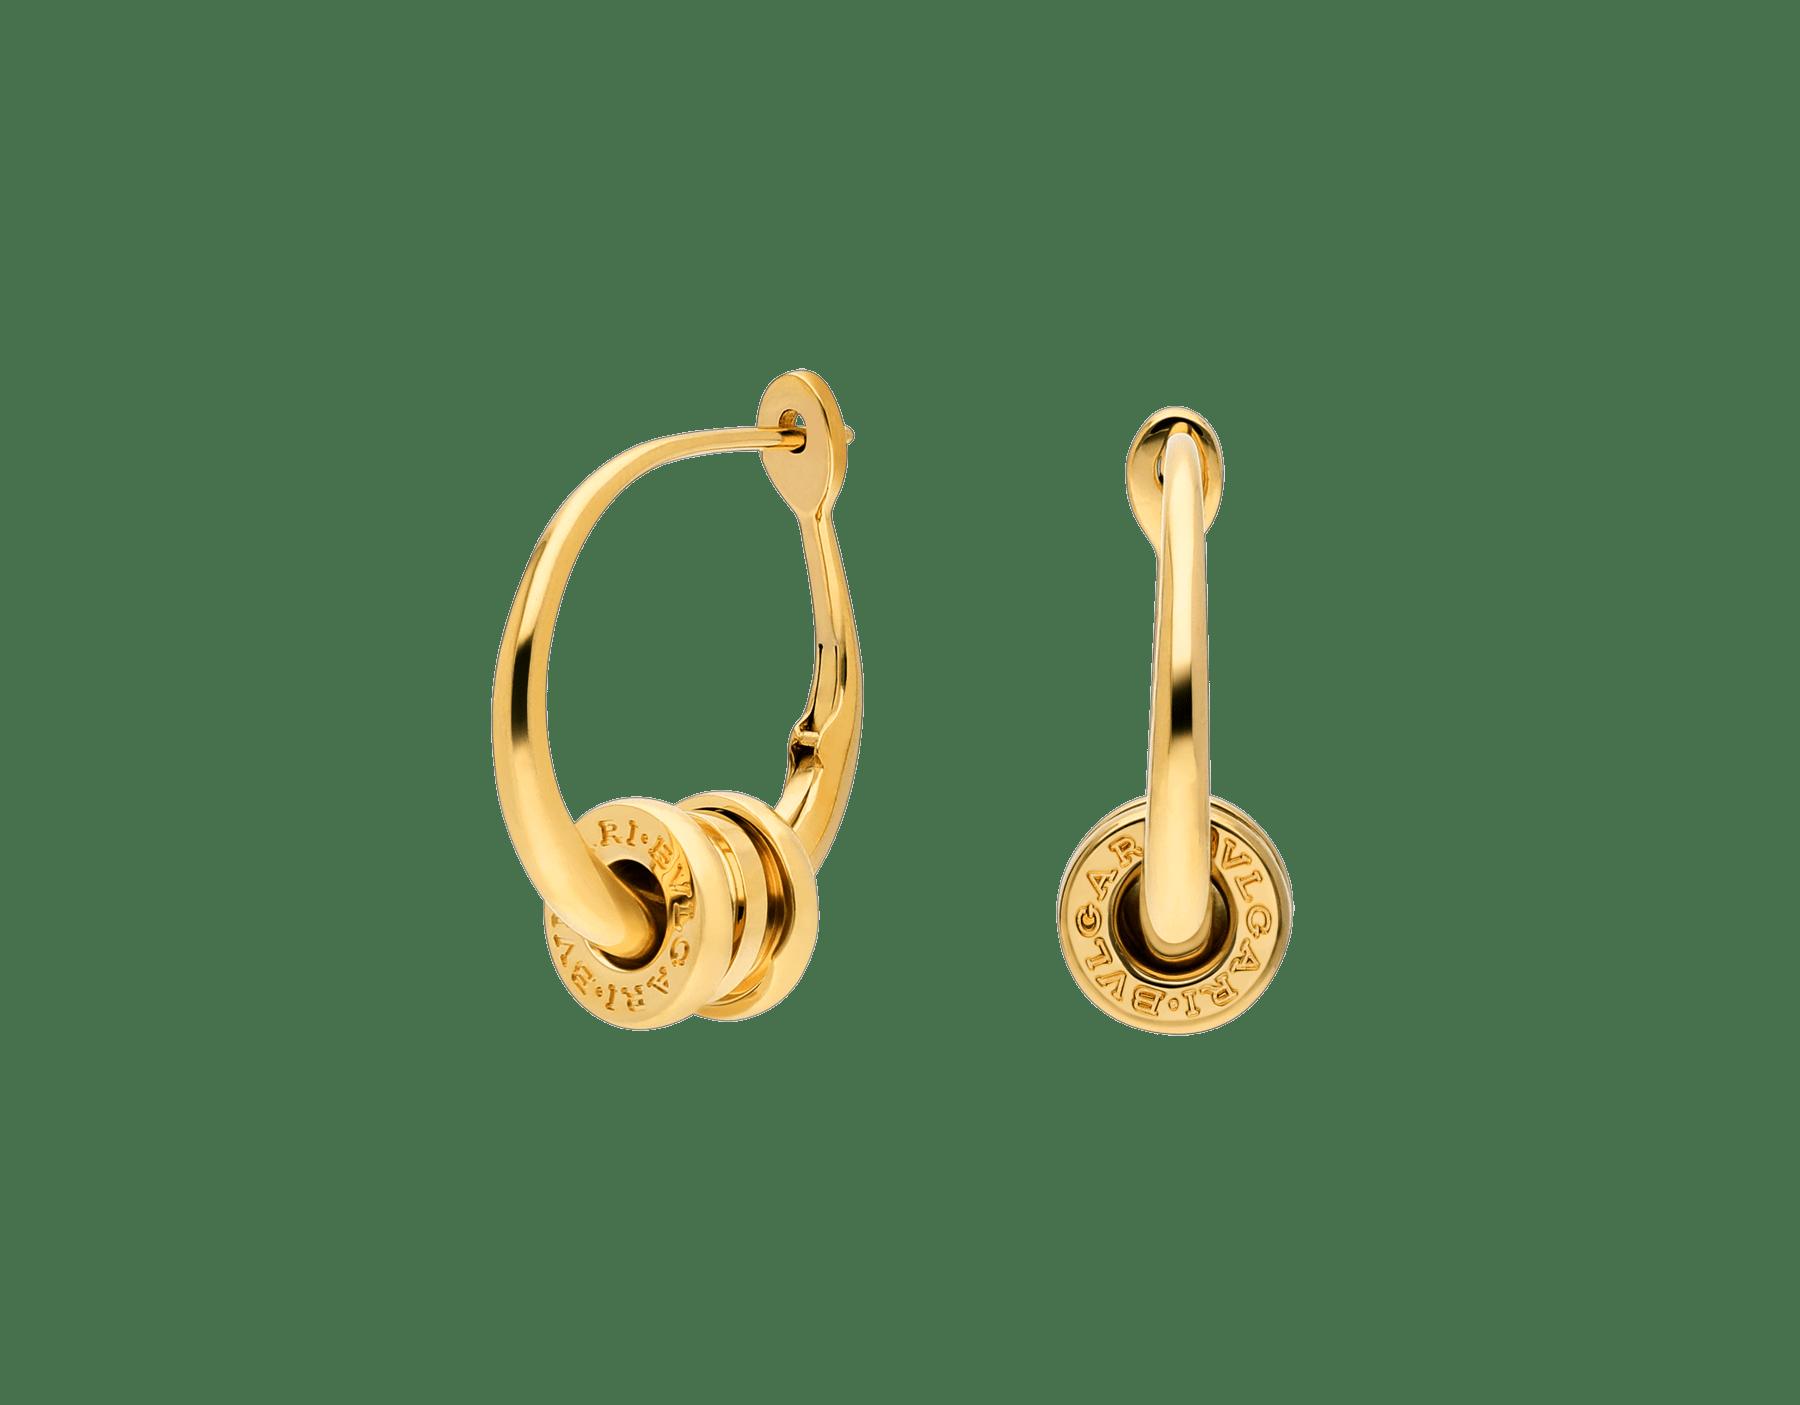 B.zero1系列圆圈耳环,18K黄金材质。 357497 image 1